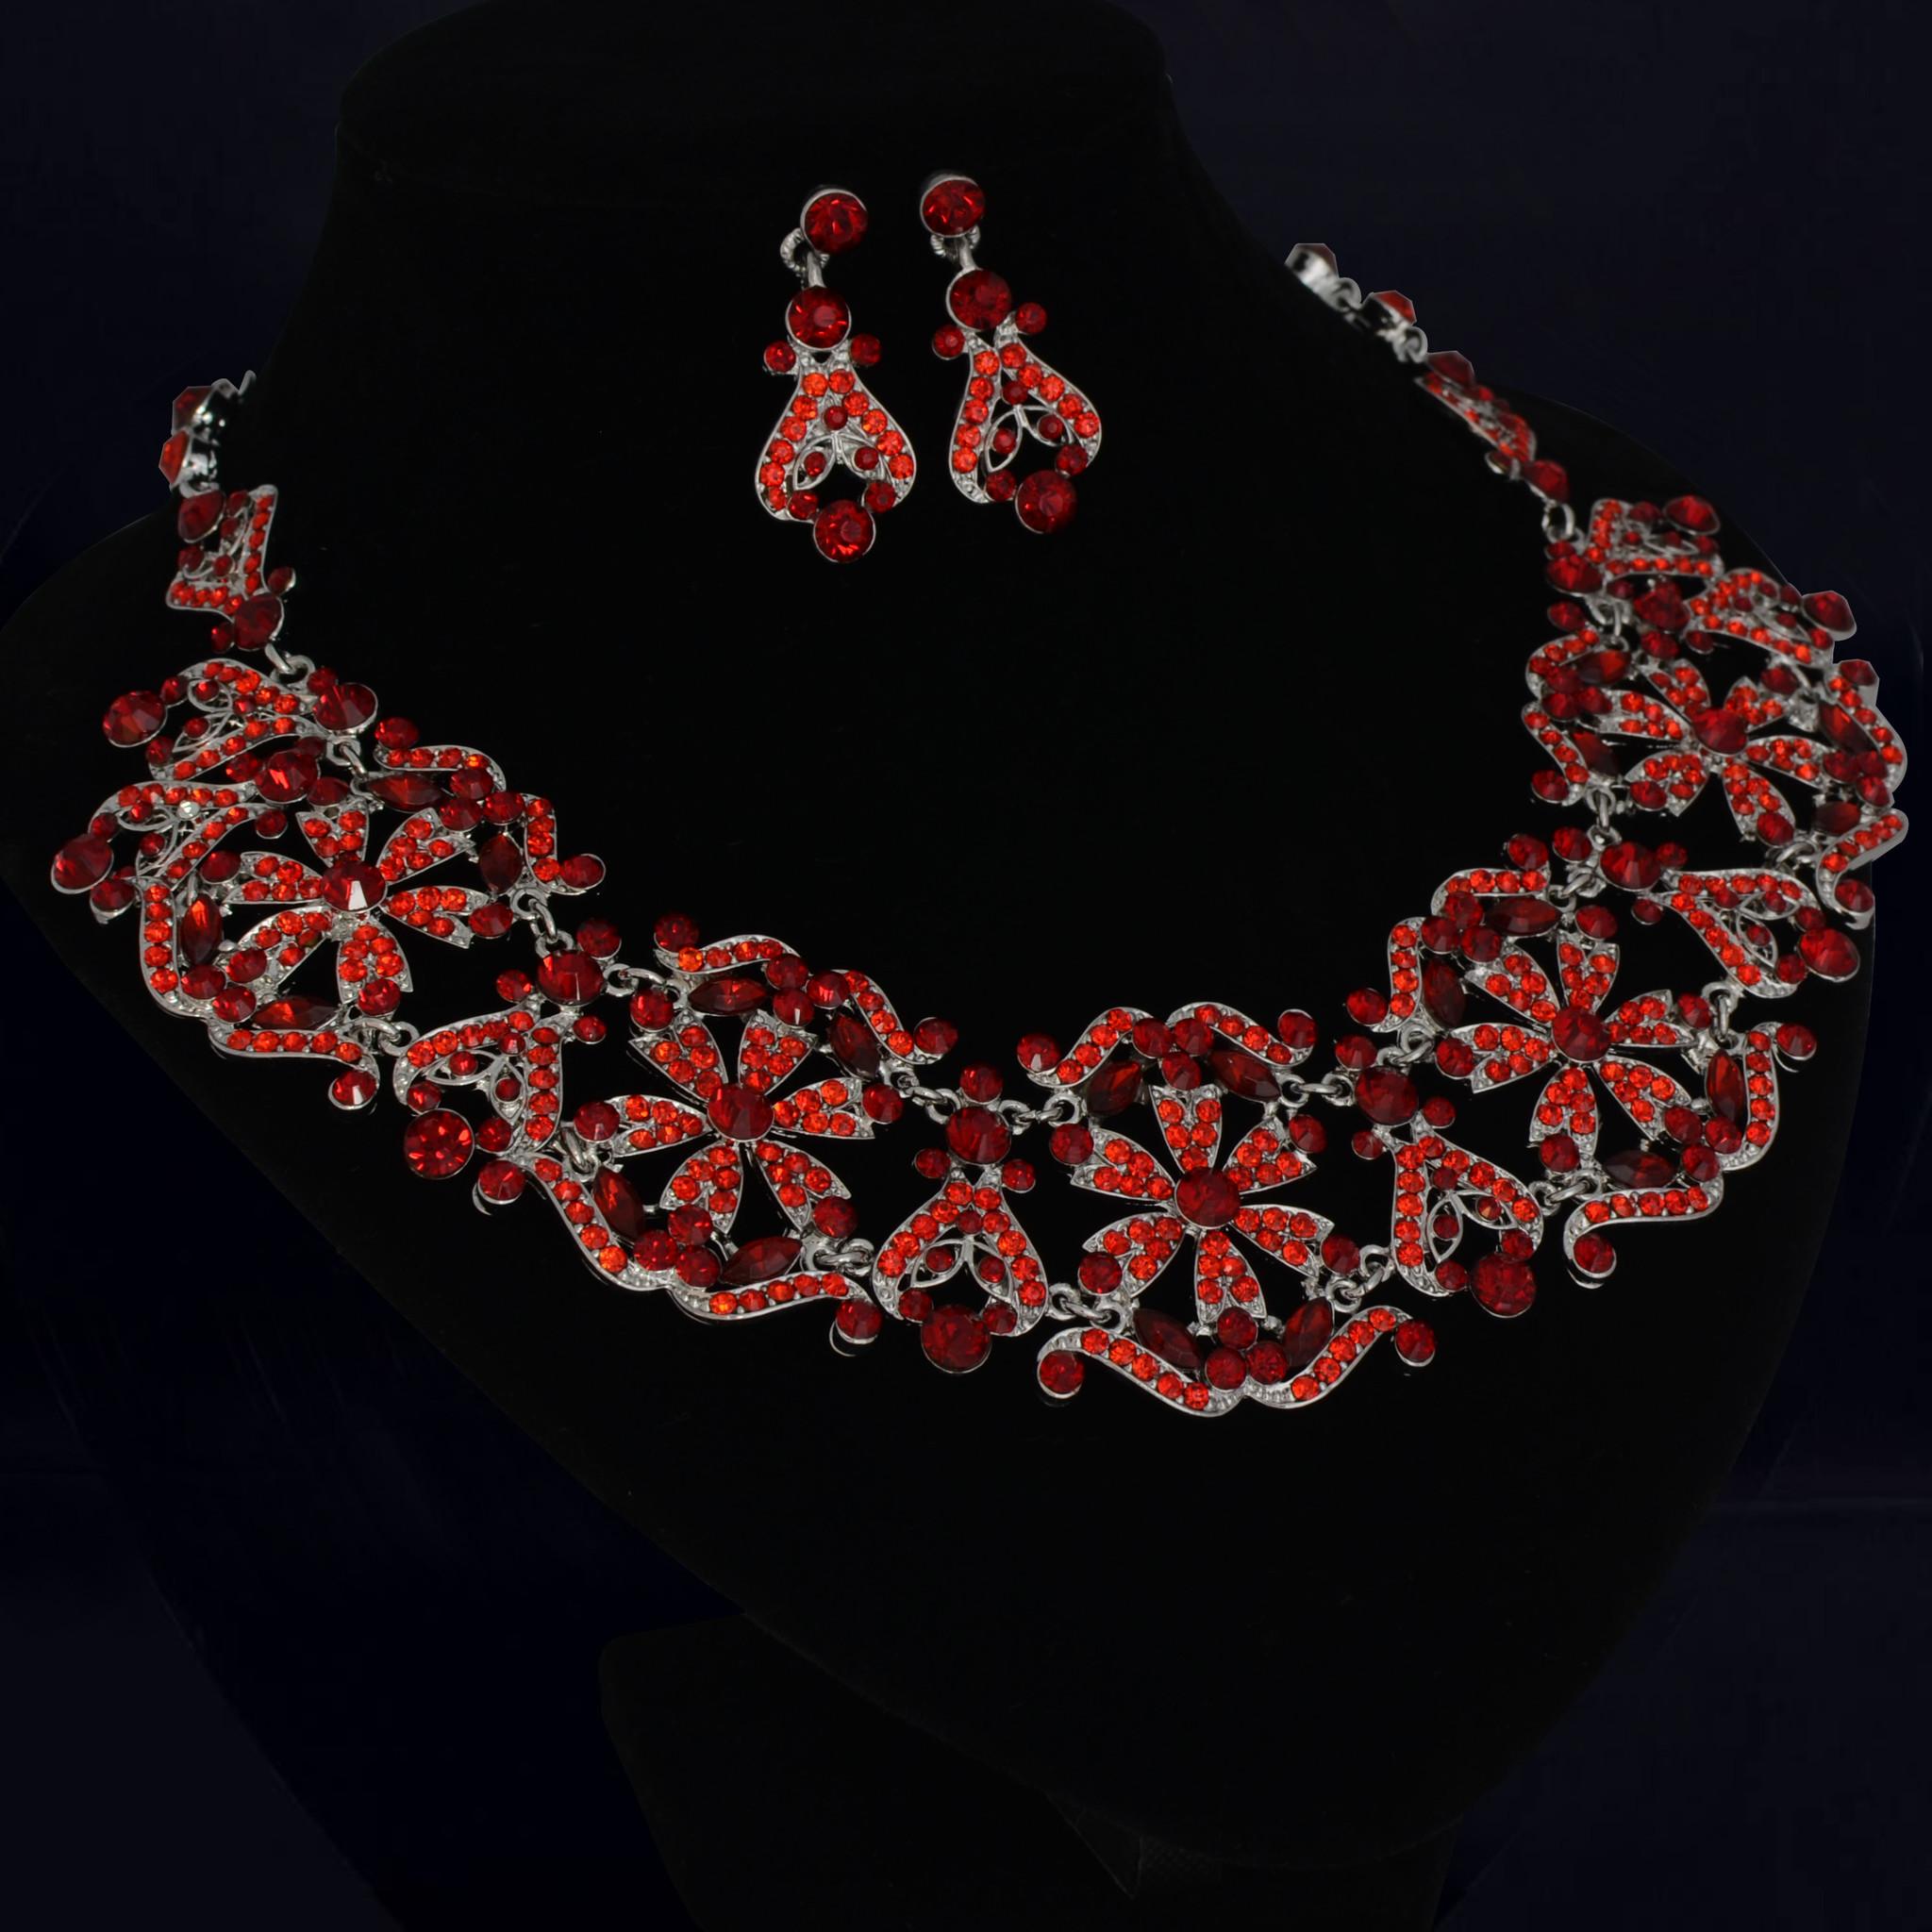 Bruidscollier met oorbellen - Rood